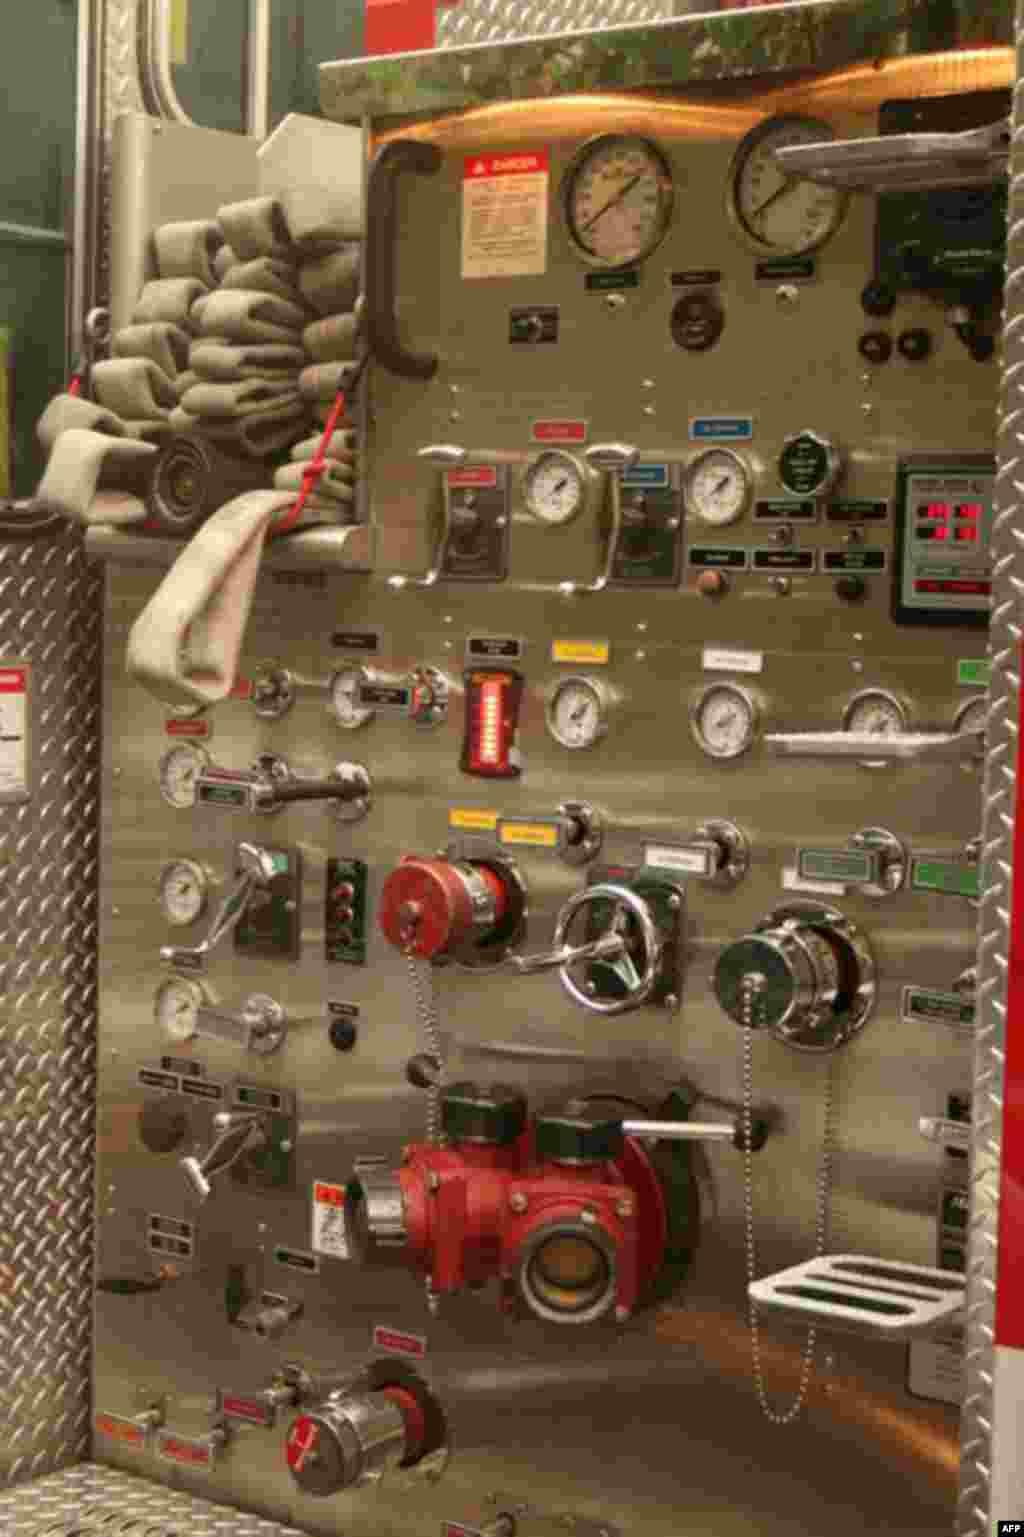 На панели управления – многочисленные вентили, манометры и краны